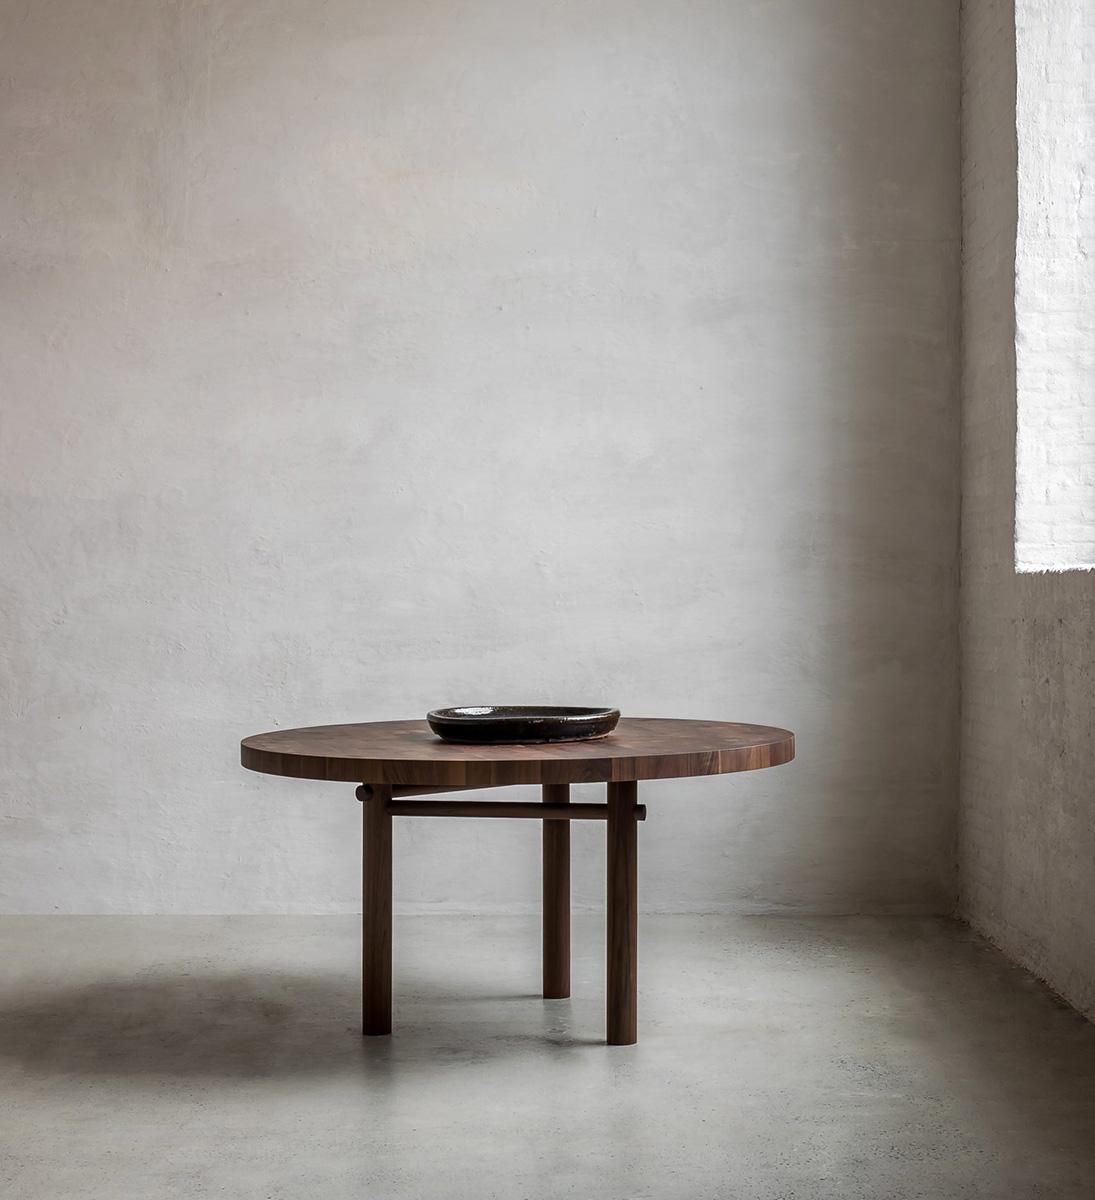 Nomad-collection-Nathalie-Deboel-Thomas-De-Bruyne-05